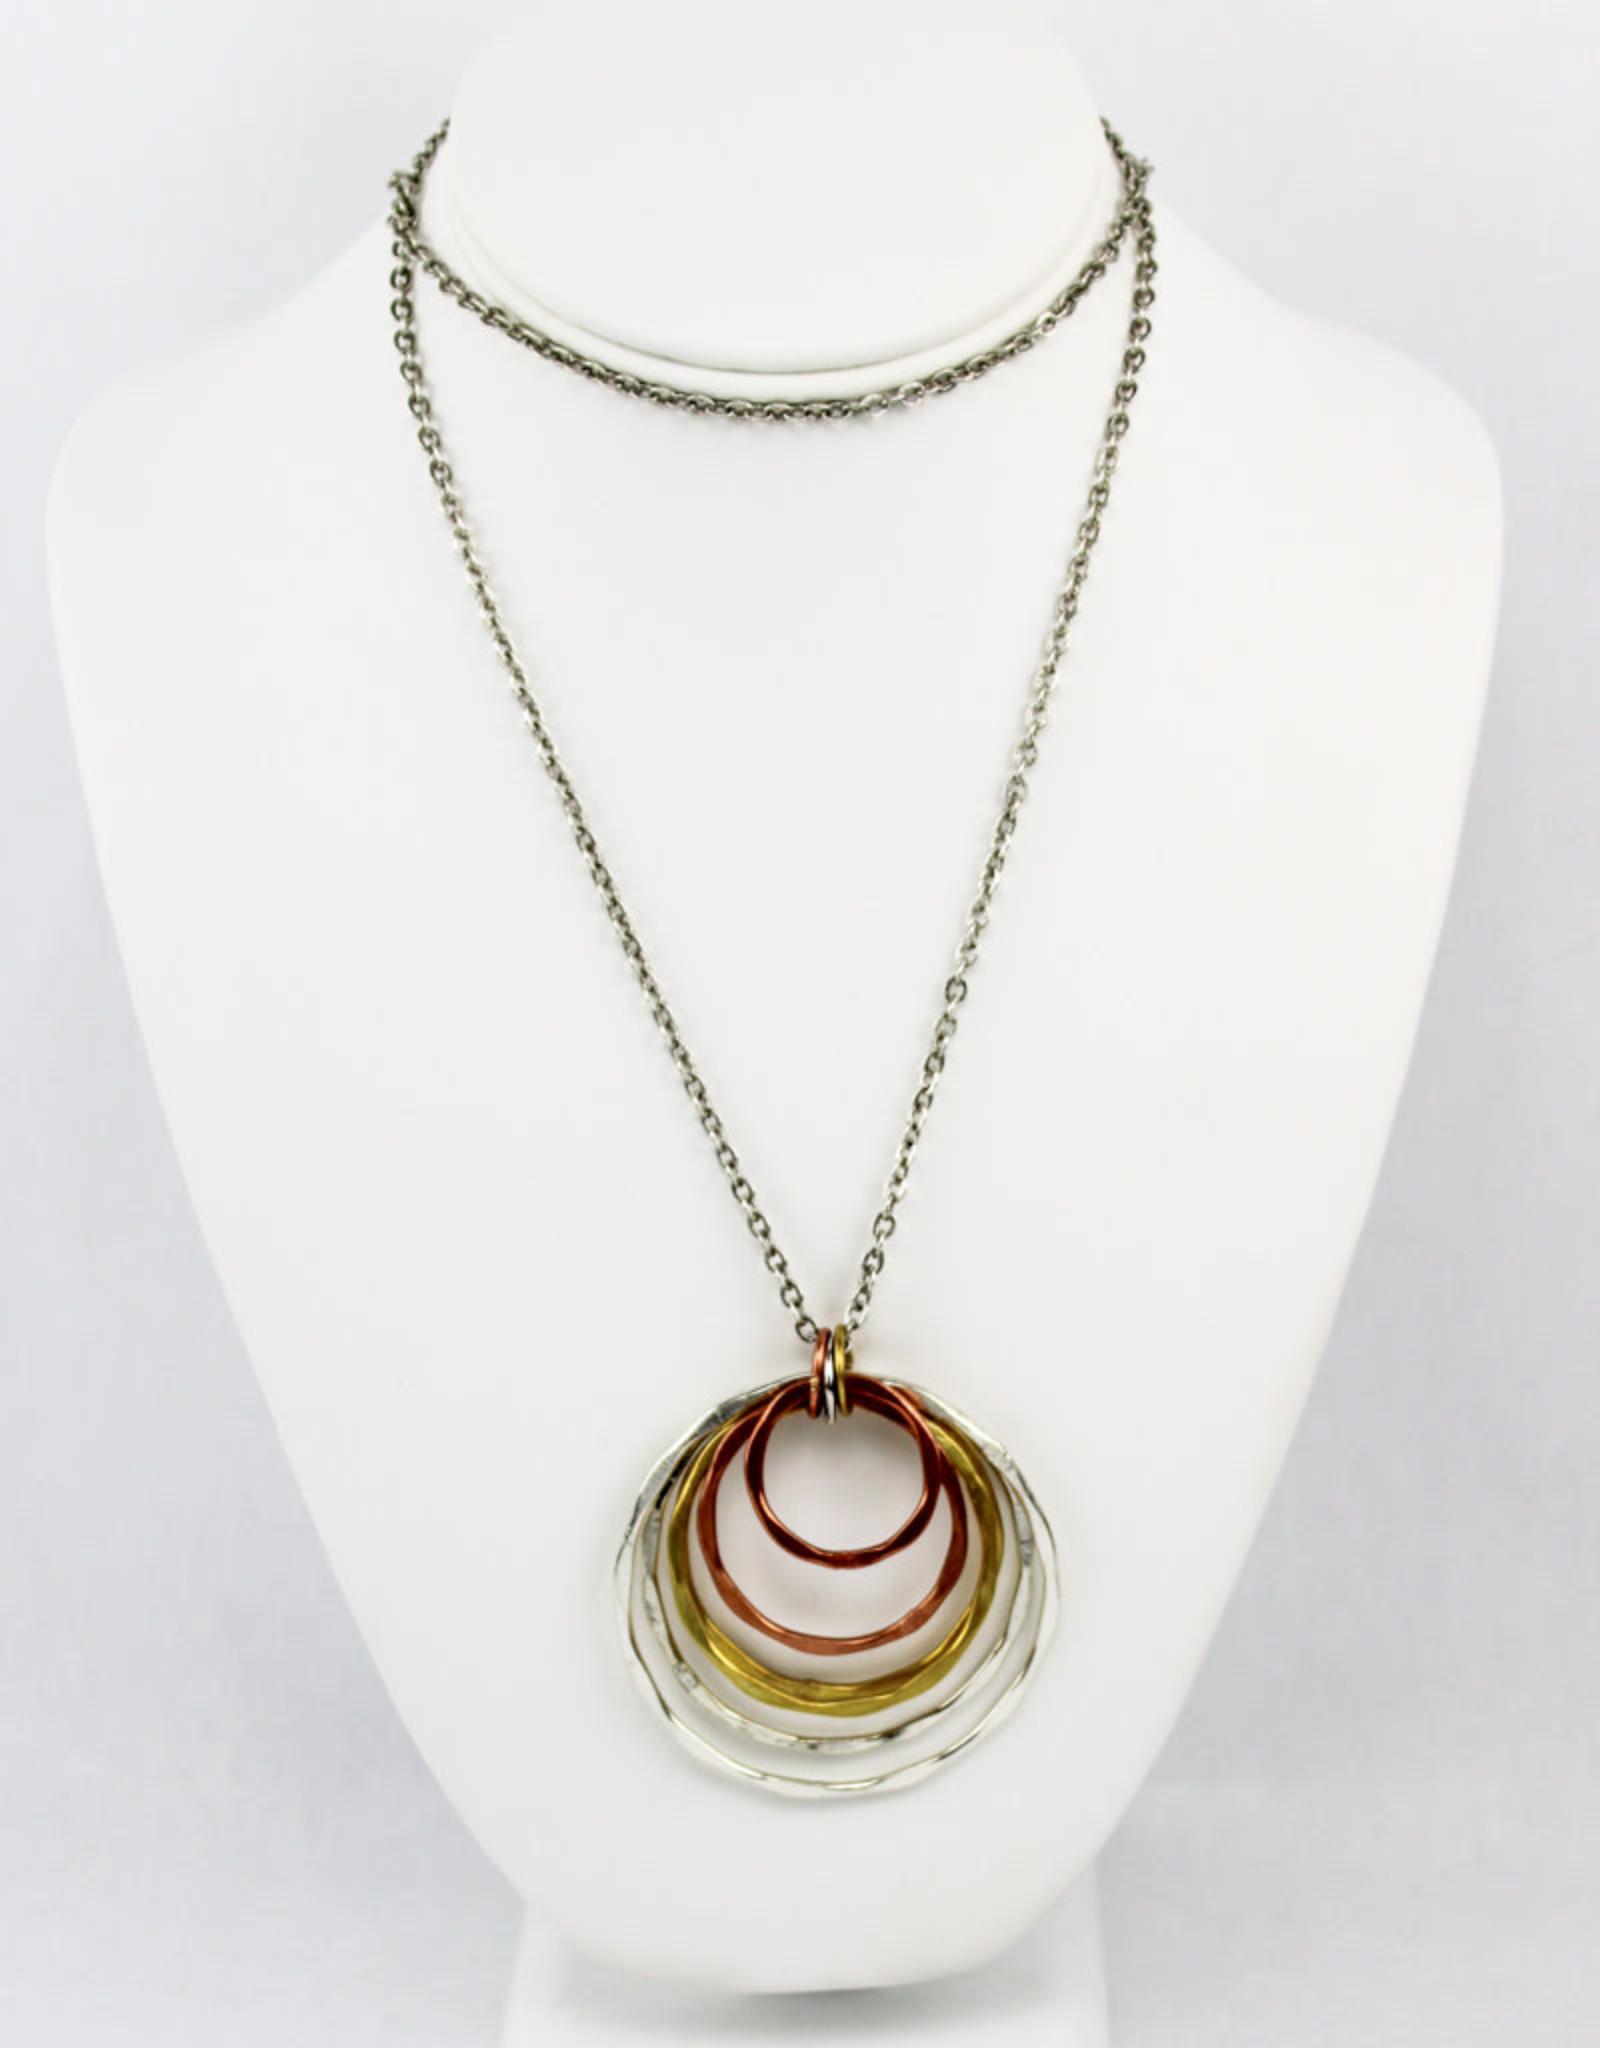 Anju Jewelry Banjara Graduated Circles Necklace